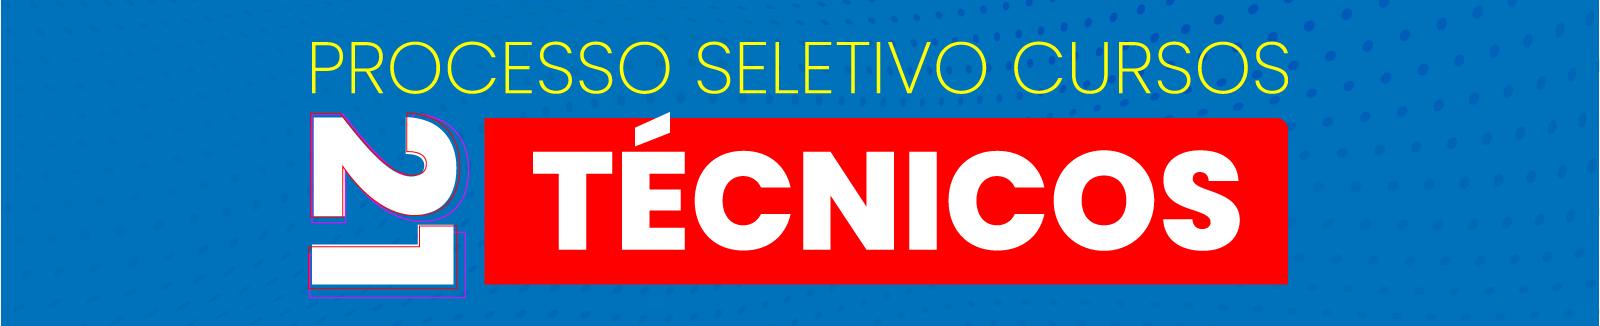 Processo Seletivo - Cursos Técnicos 2021